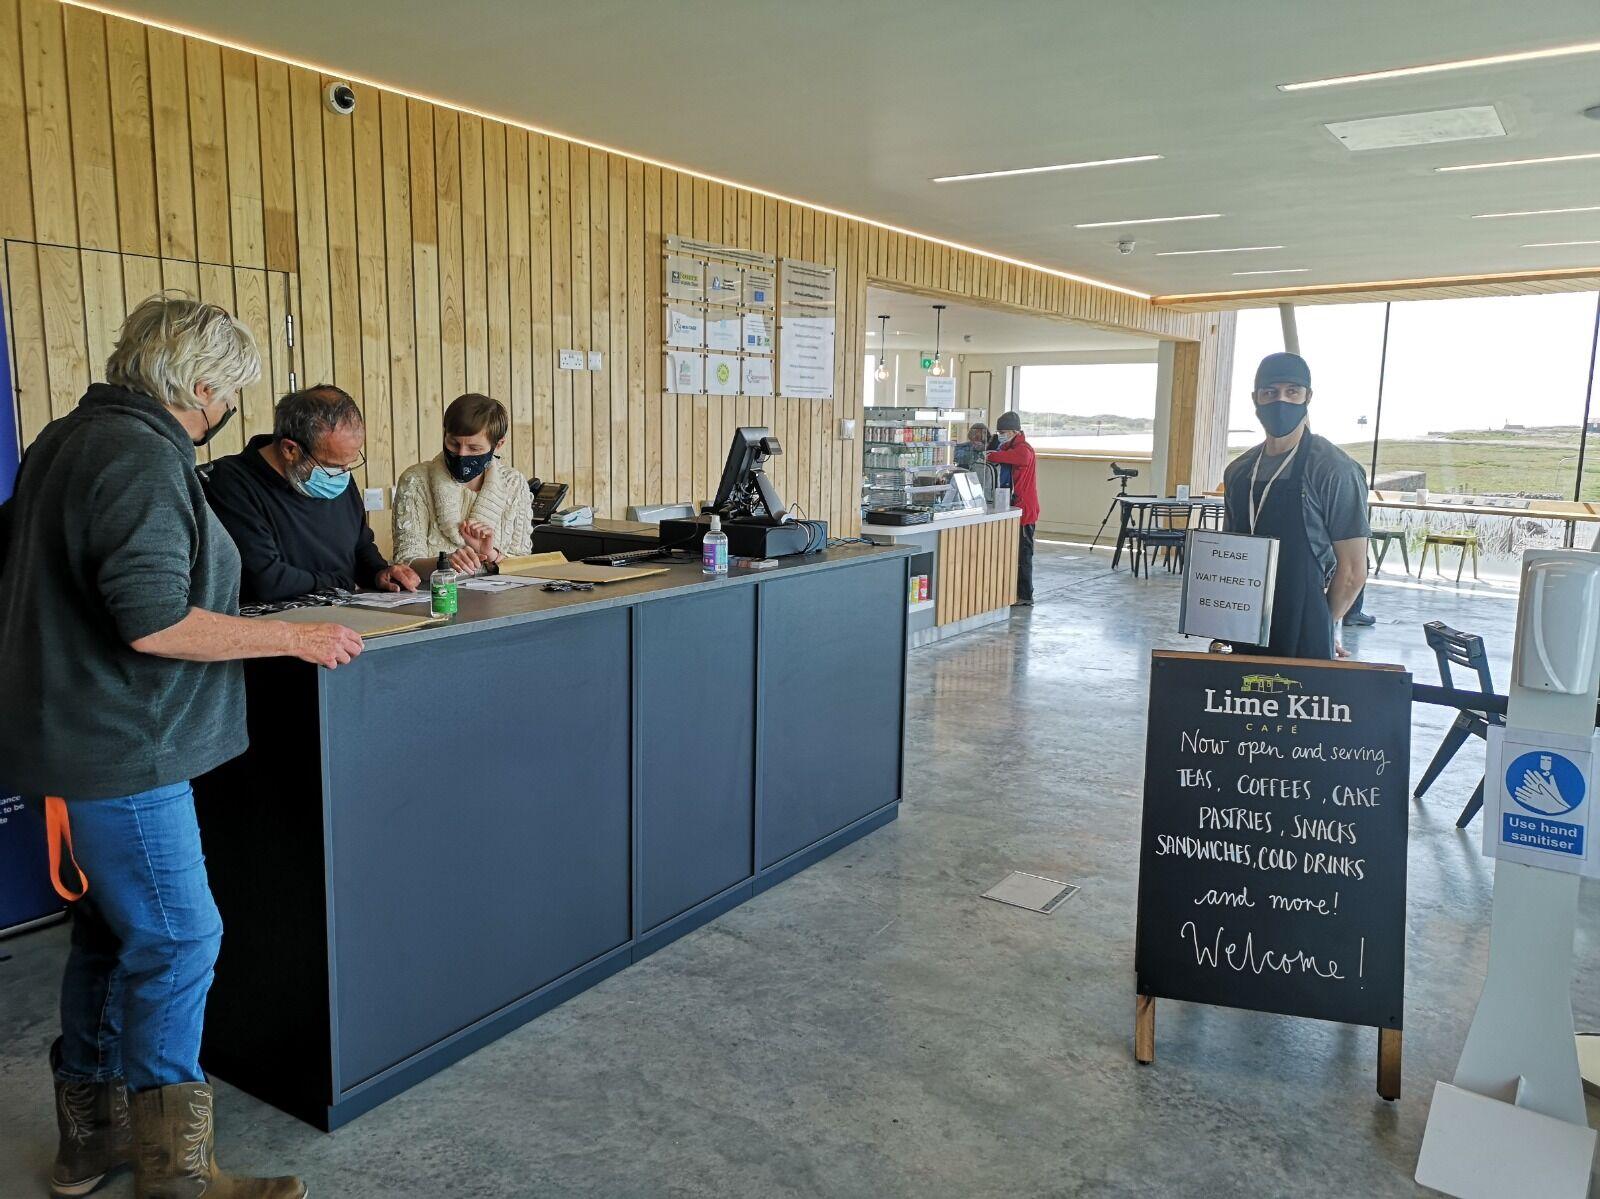 Information desk and Lime Kiln Cafe